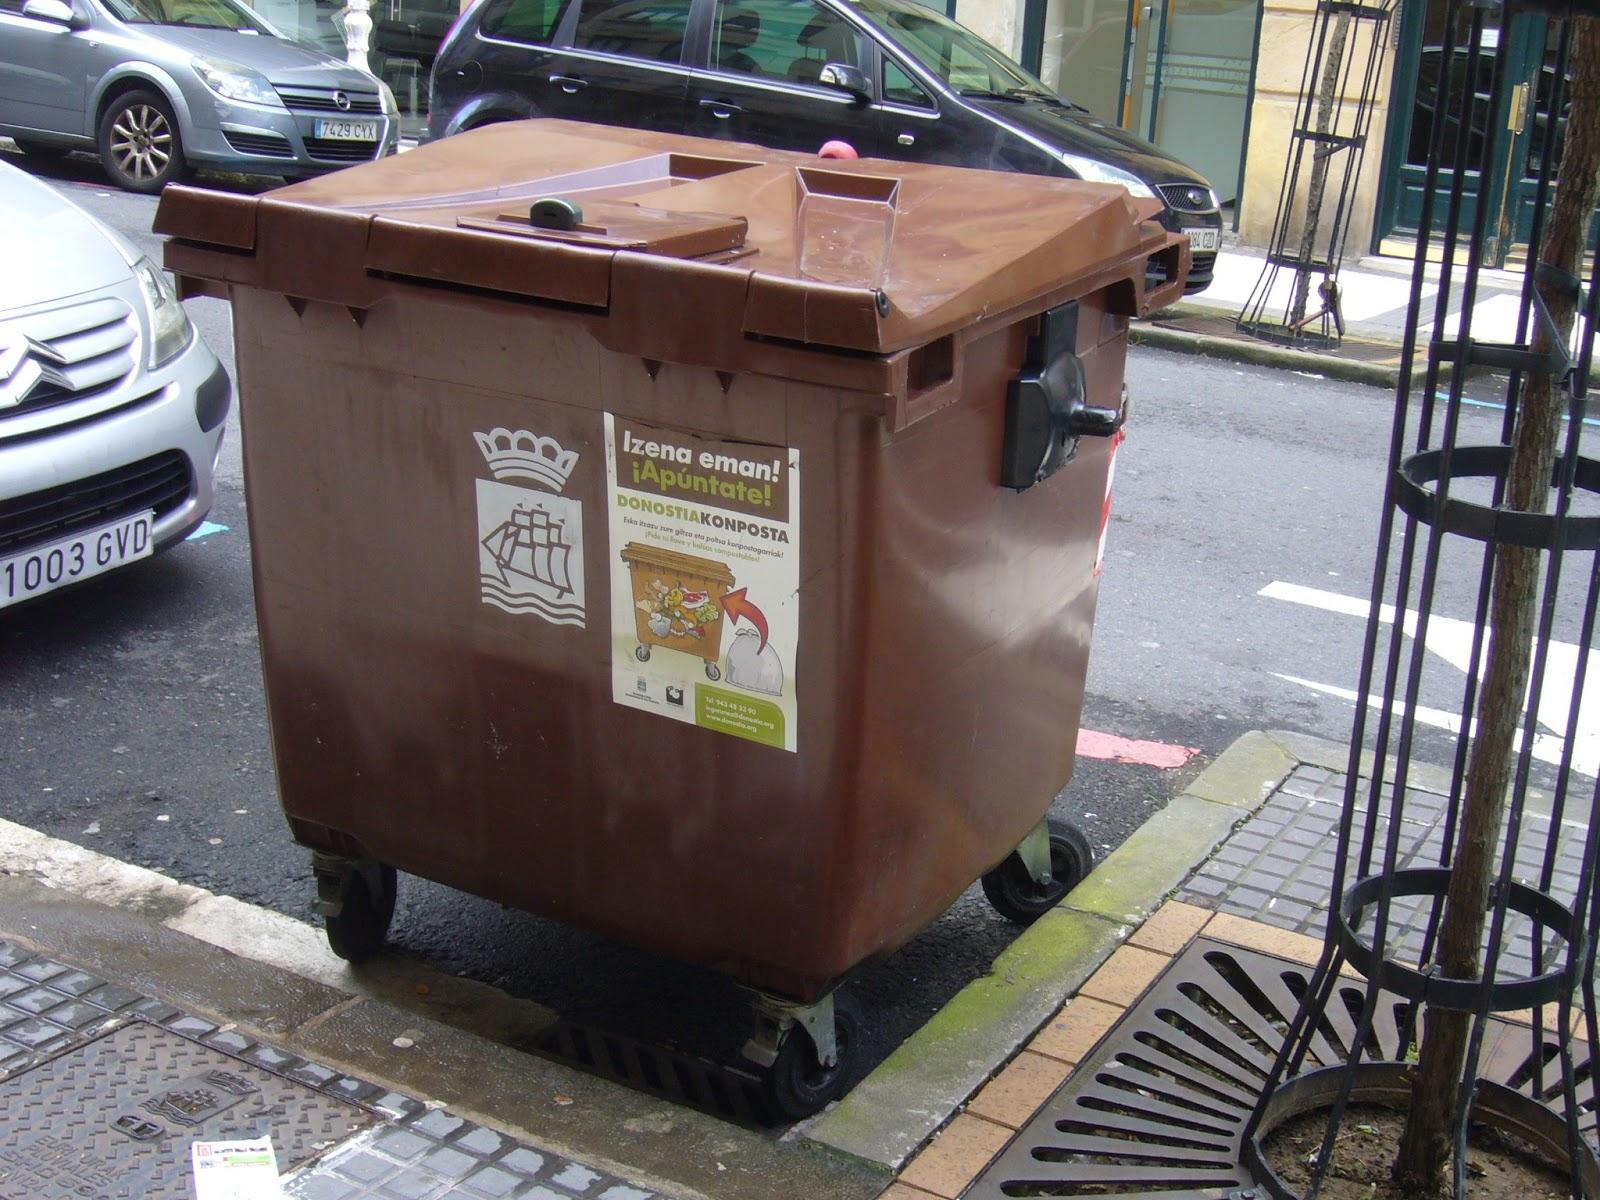 Contenedor marrón. Foto: Eguzki